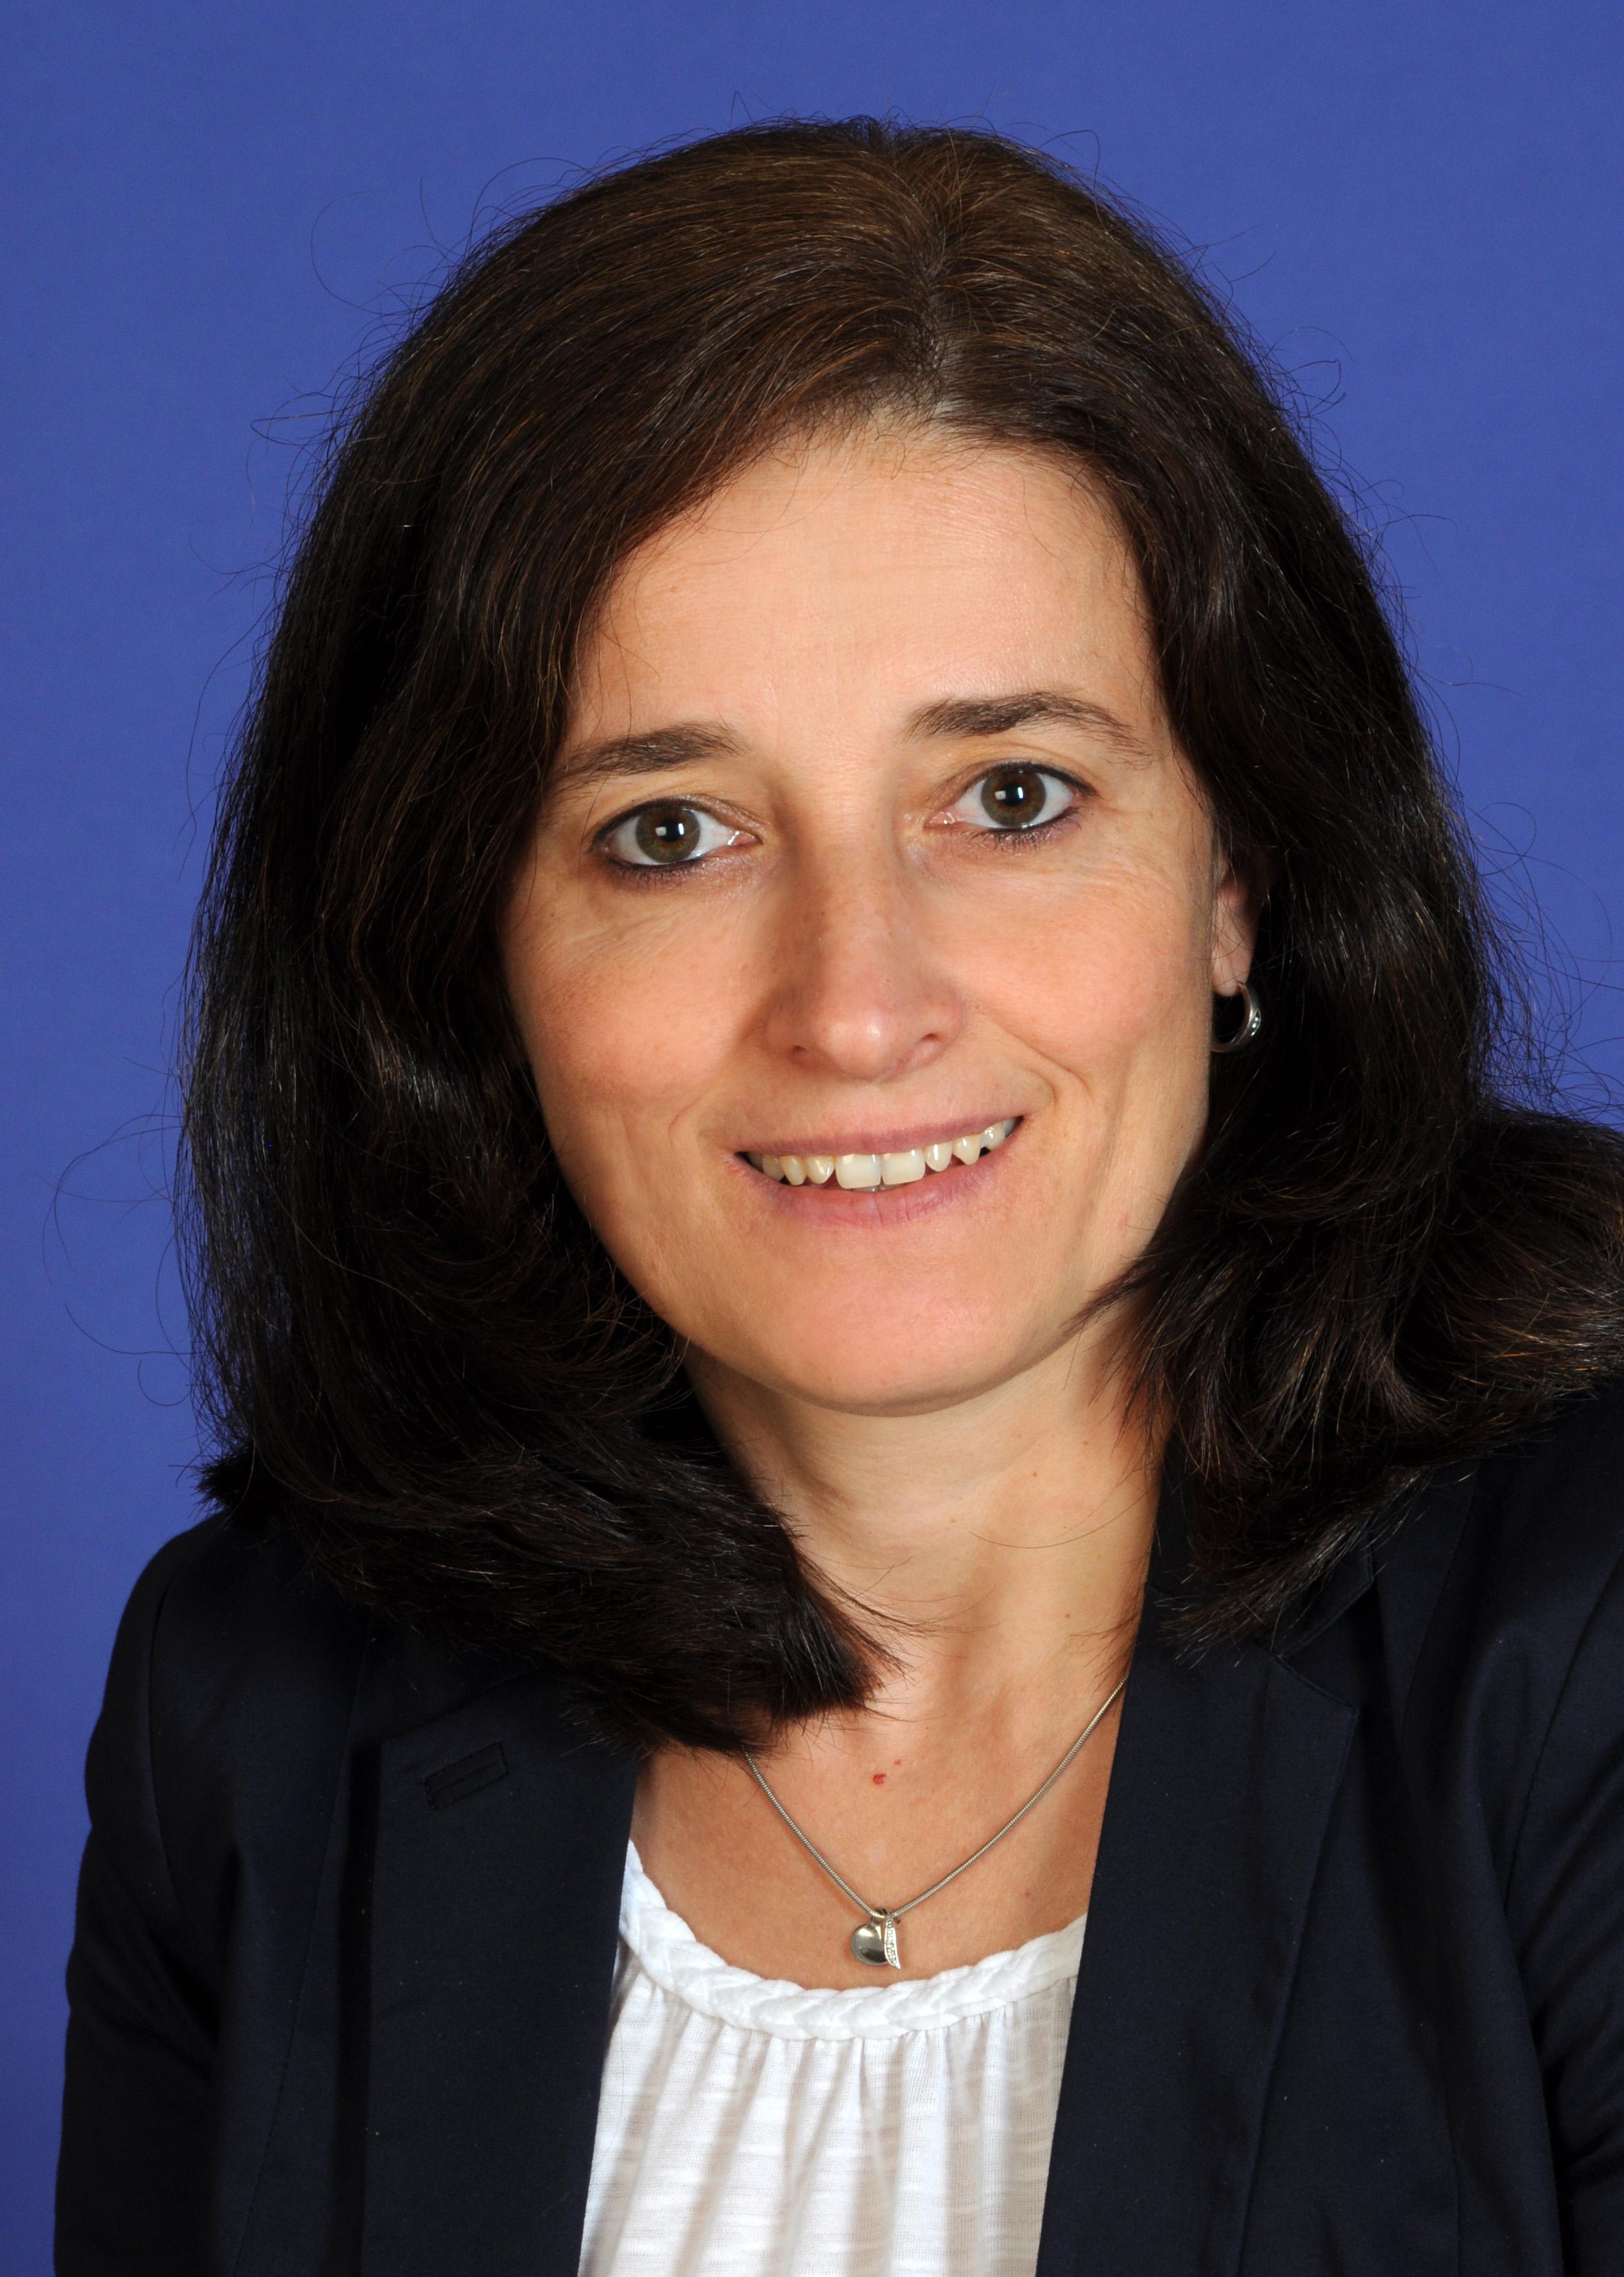 Maja Gering